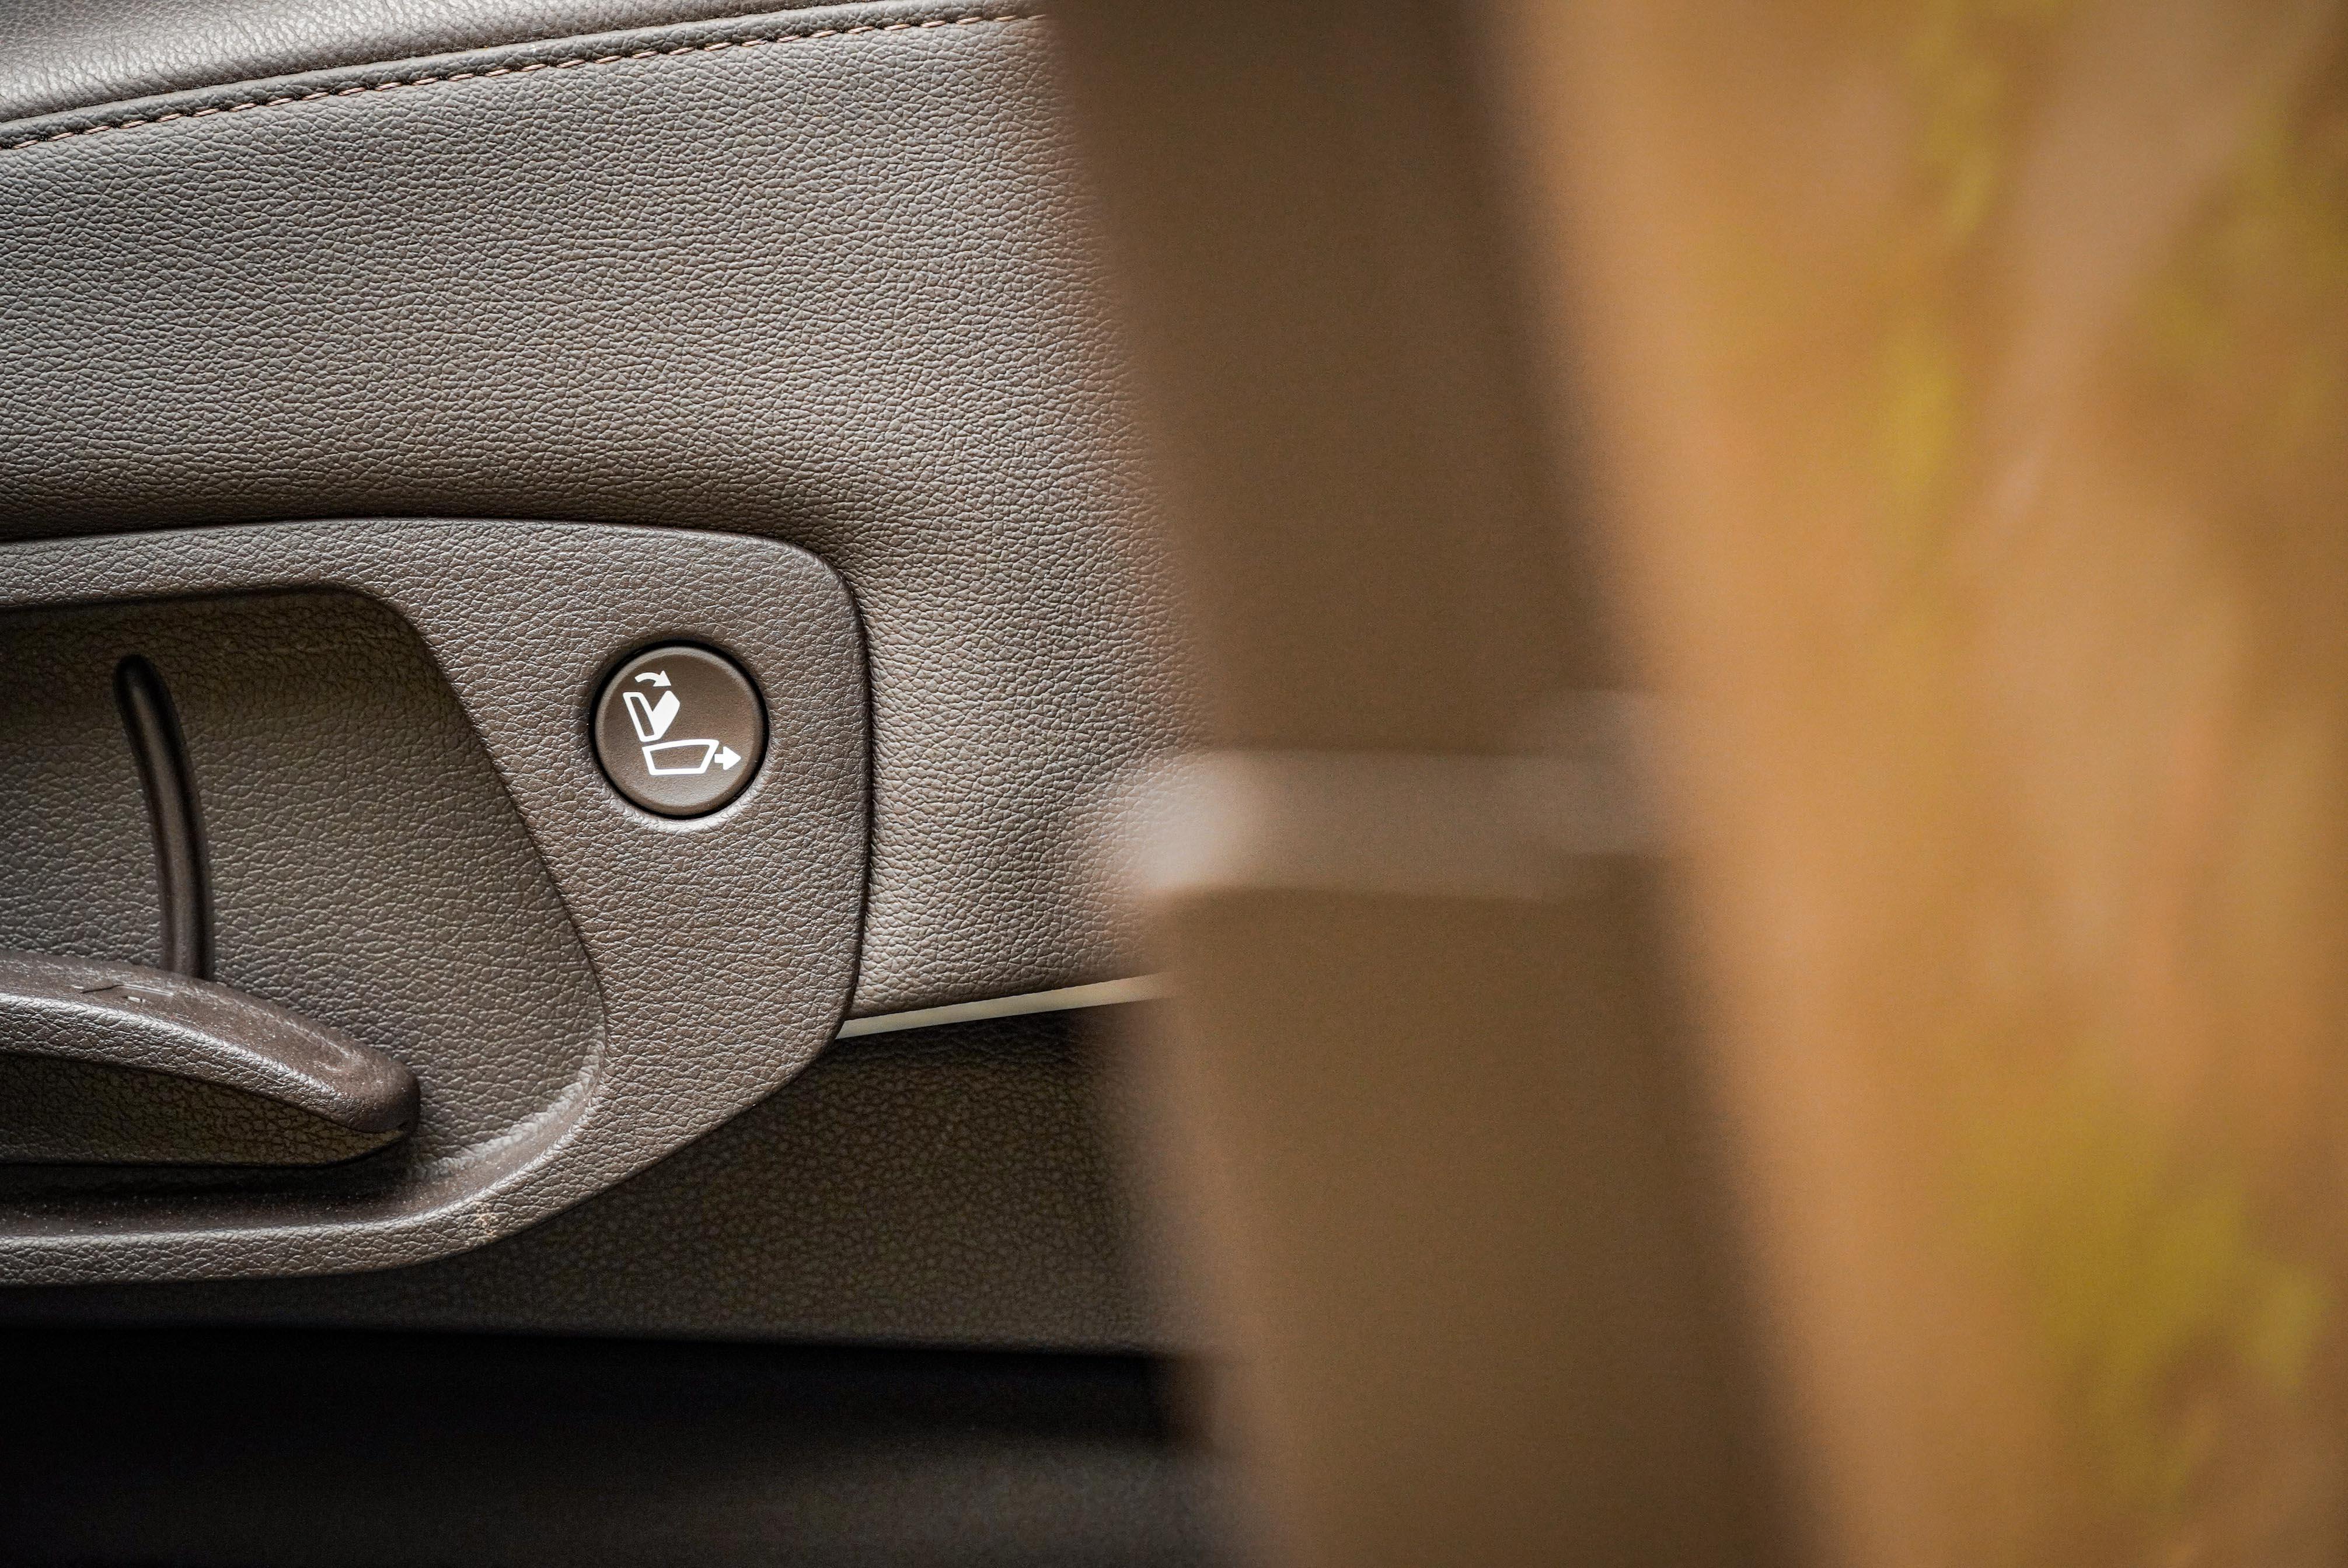 第二排座椅副駕駛側右下方也提供 Easy-Touch 快速傾倒按鈕。